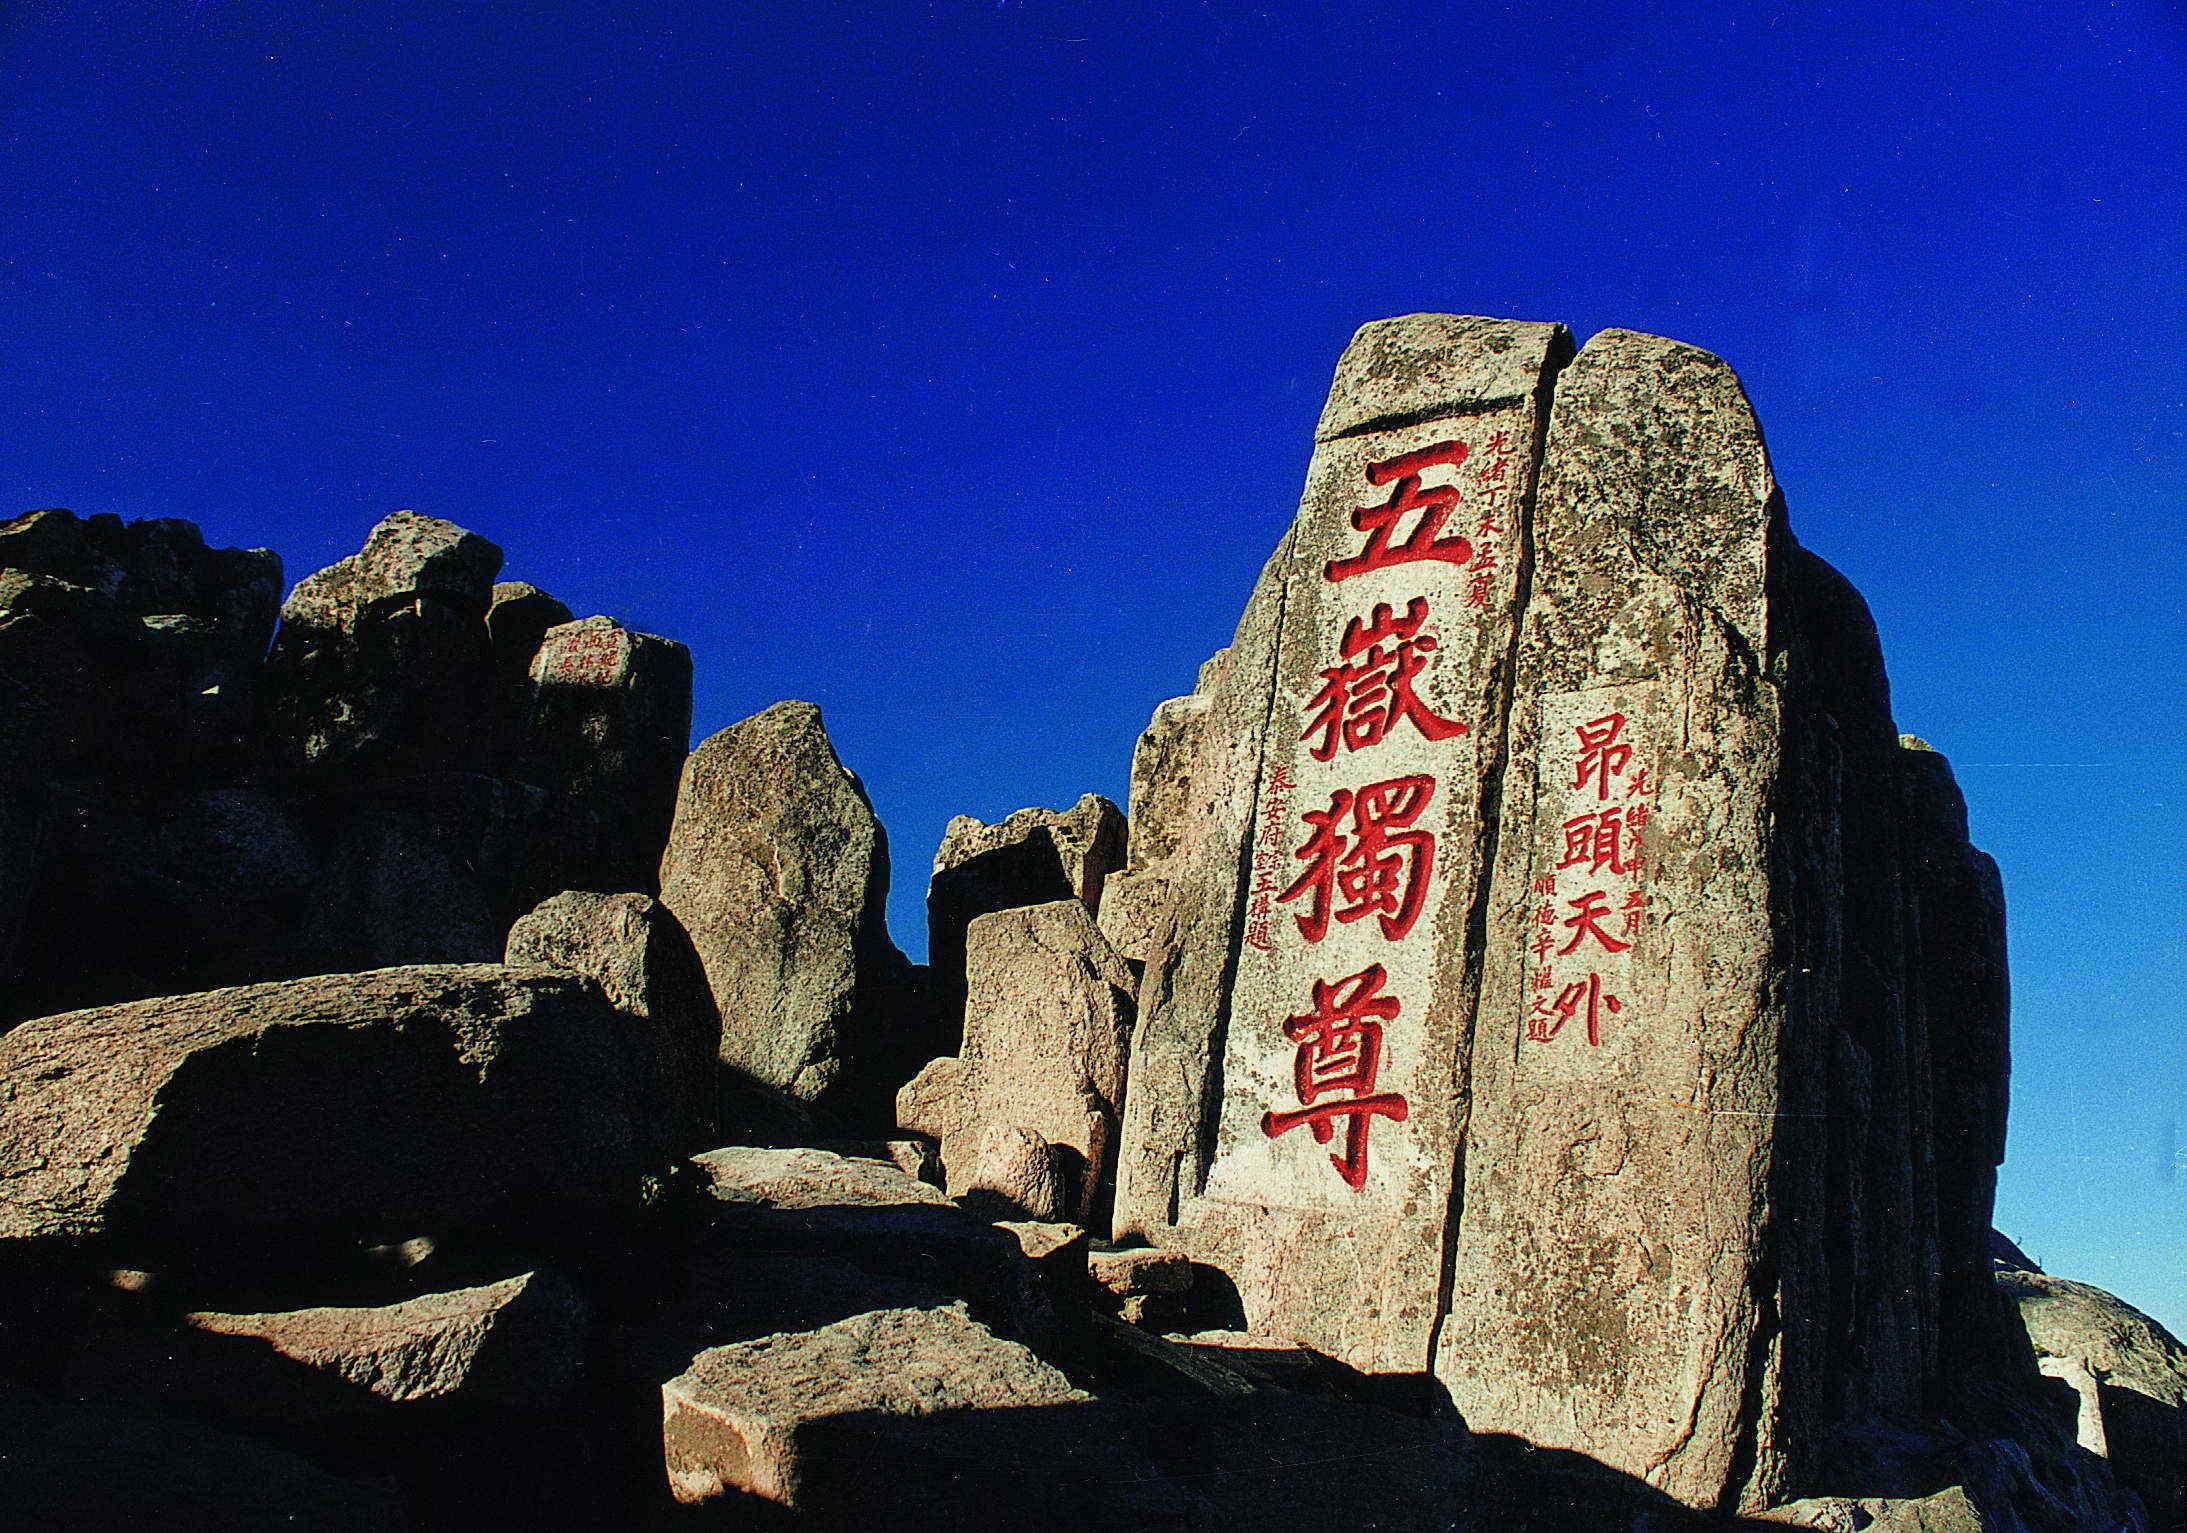 山东泰安风景照片